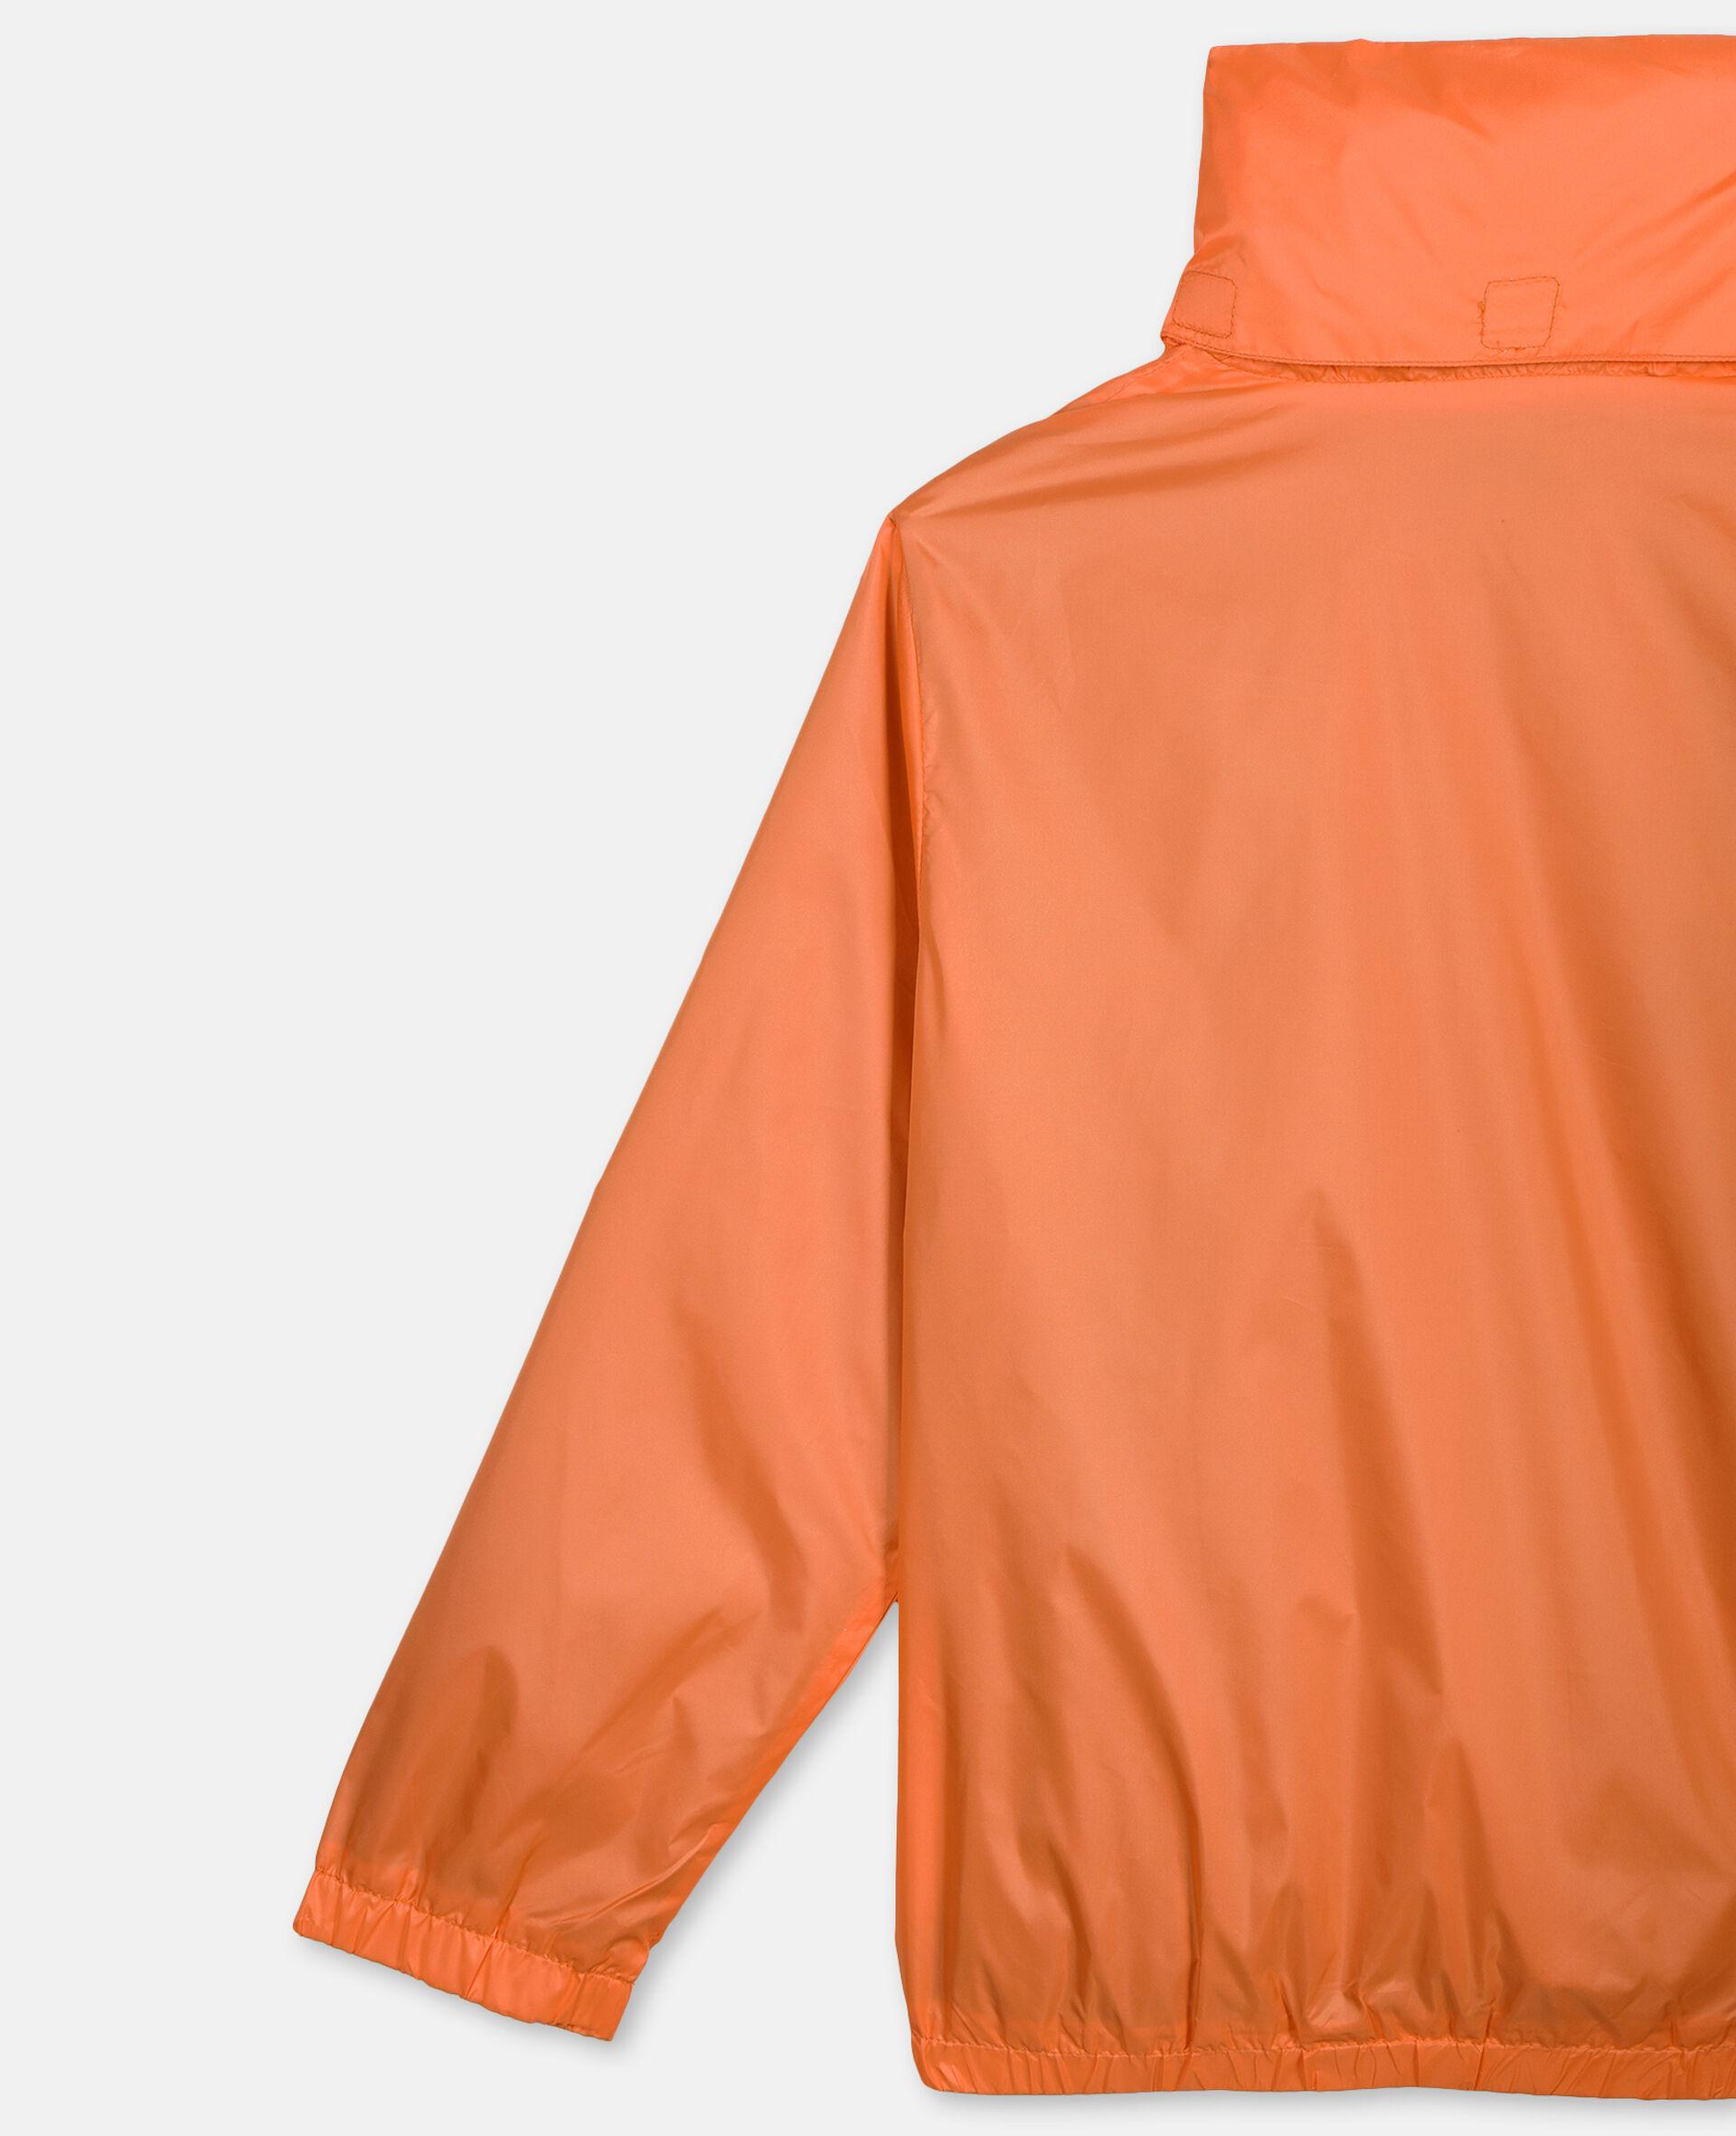 Logo Nylon Active Jacket -Orange-large image number 2